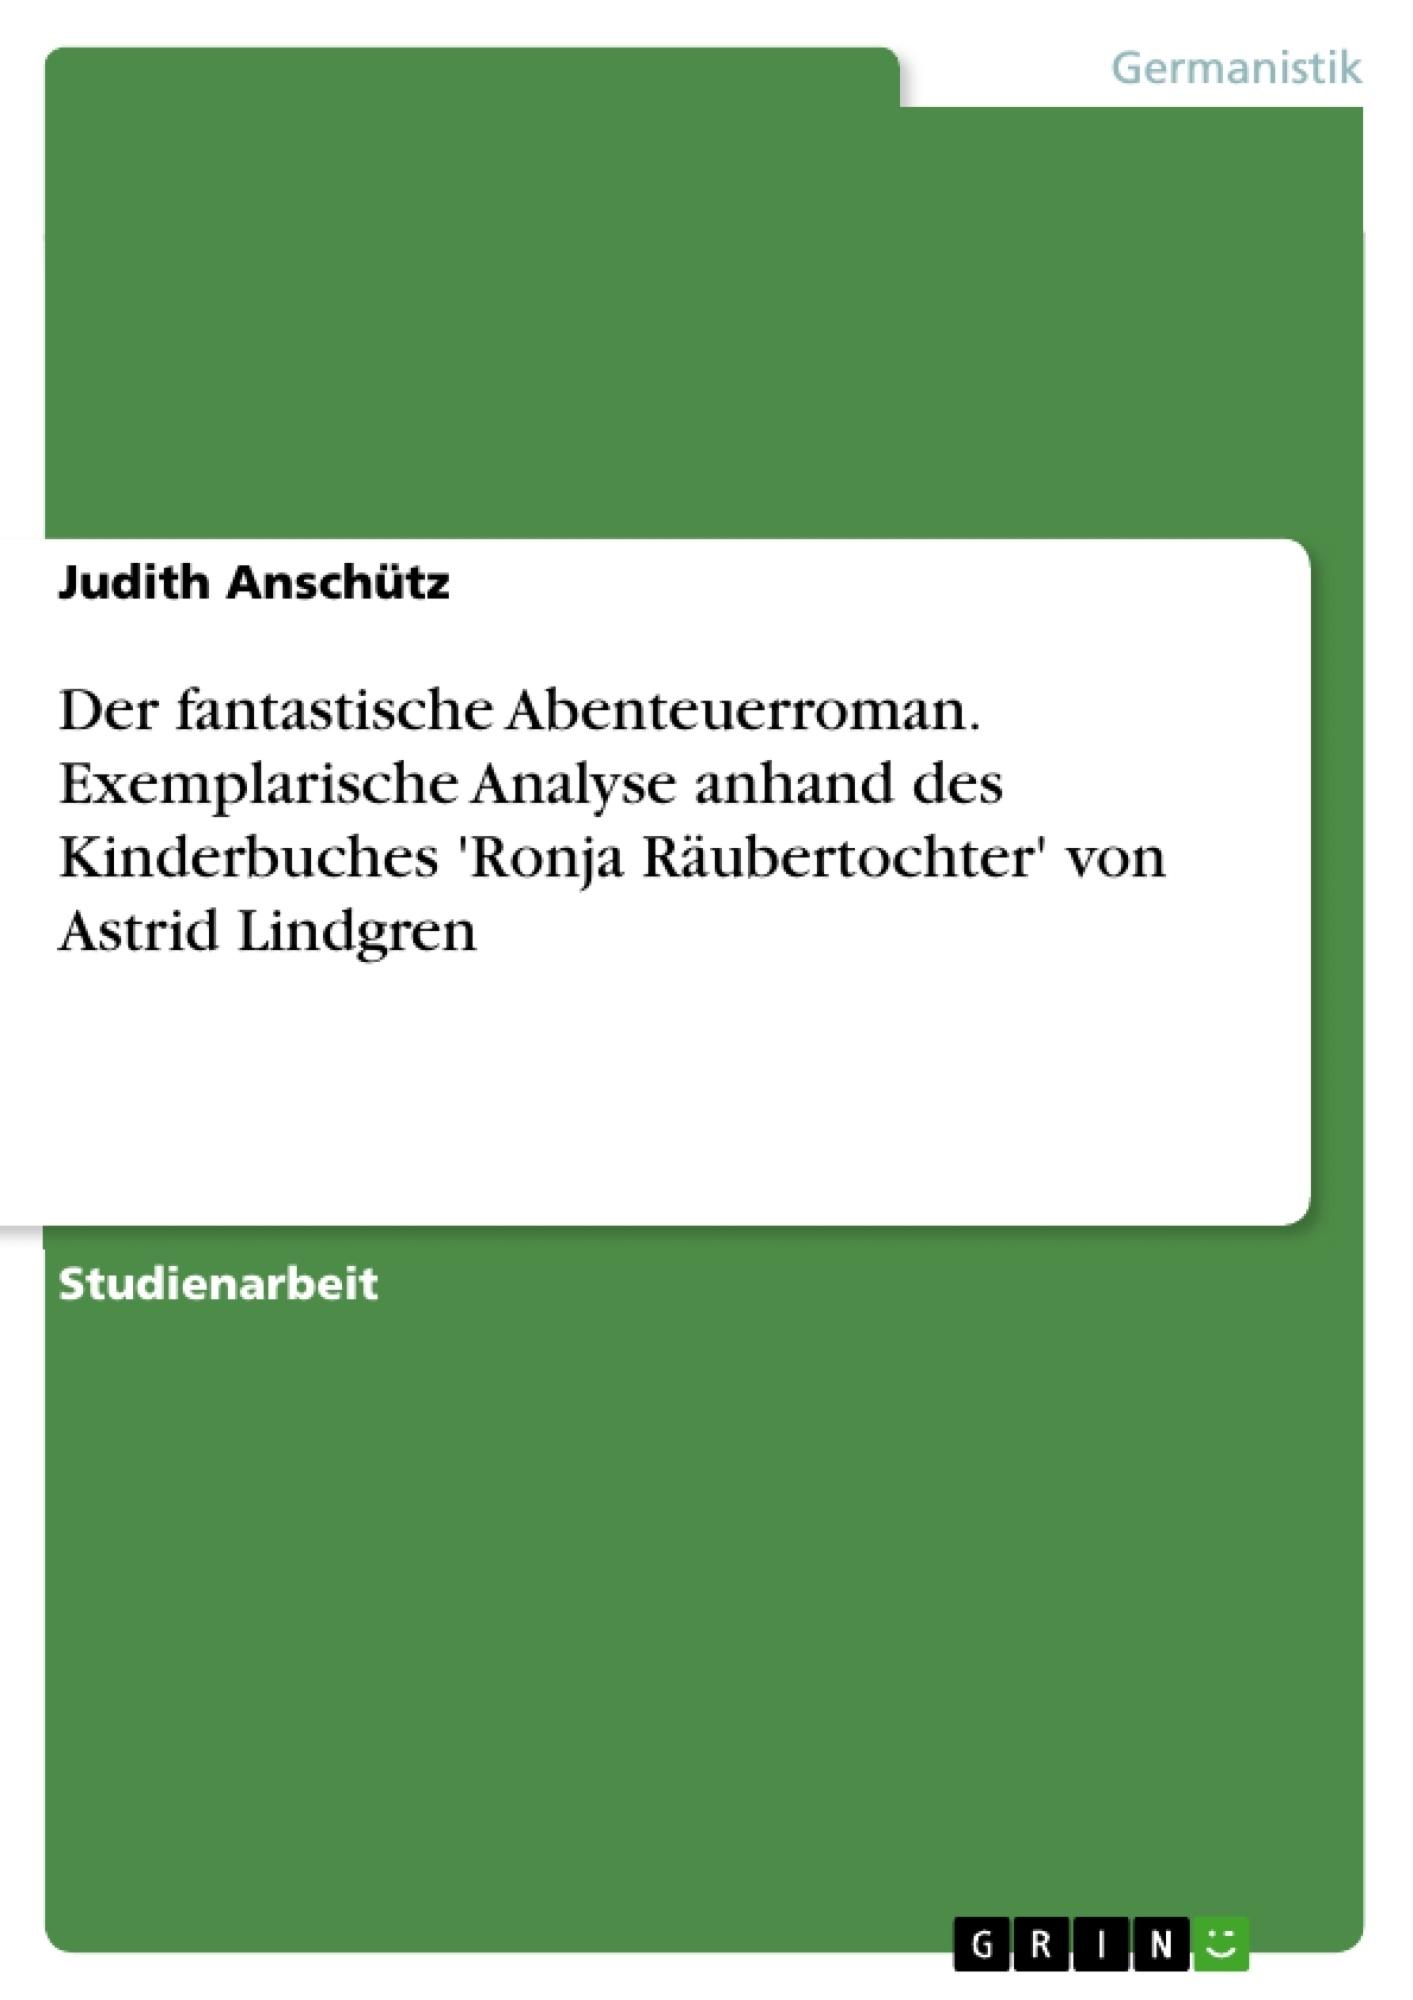 Titel: Der fantastische Abenteuerroman. Exemplarische Analyse anhand des Kinderbuches 'Ronja Räubertochter' von Astrid Lindgren